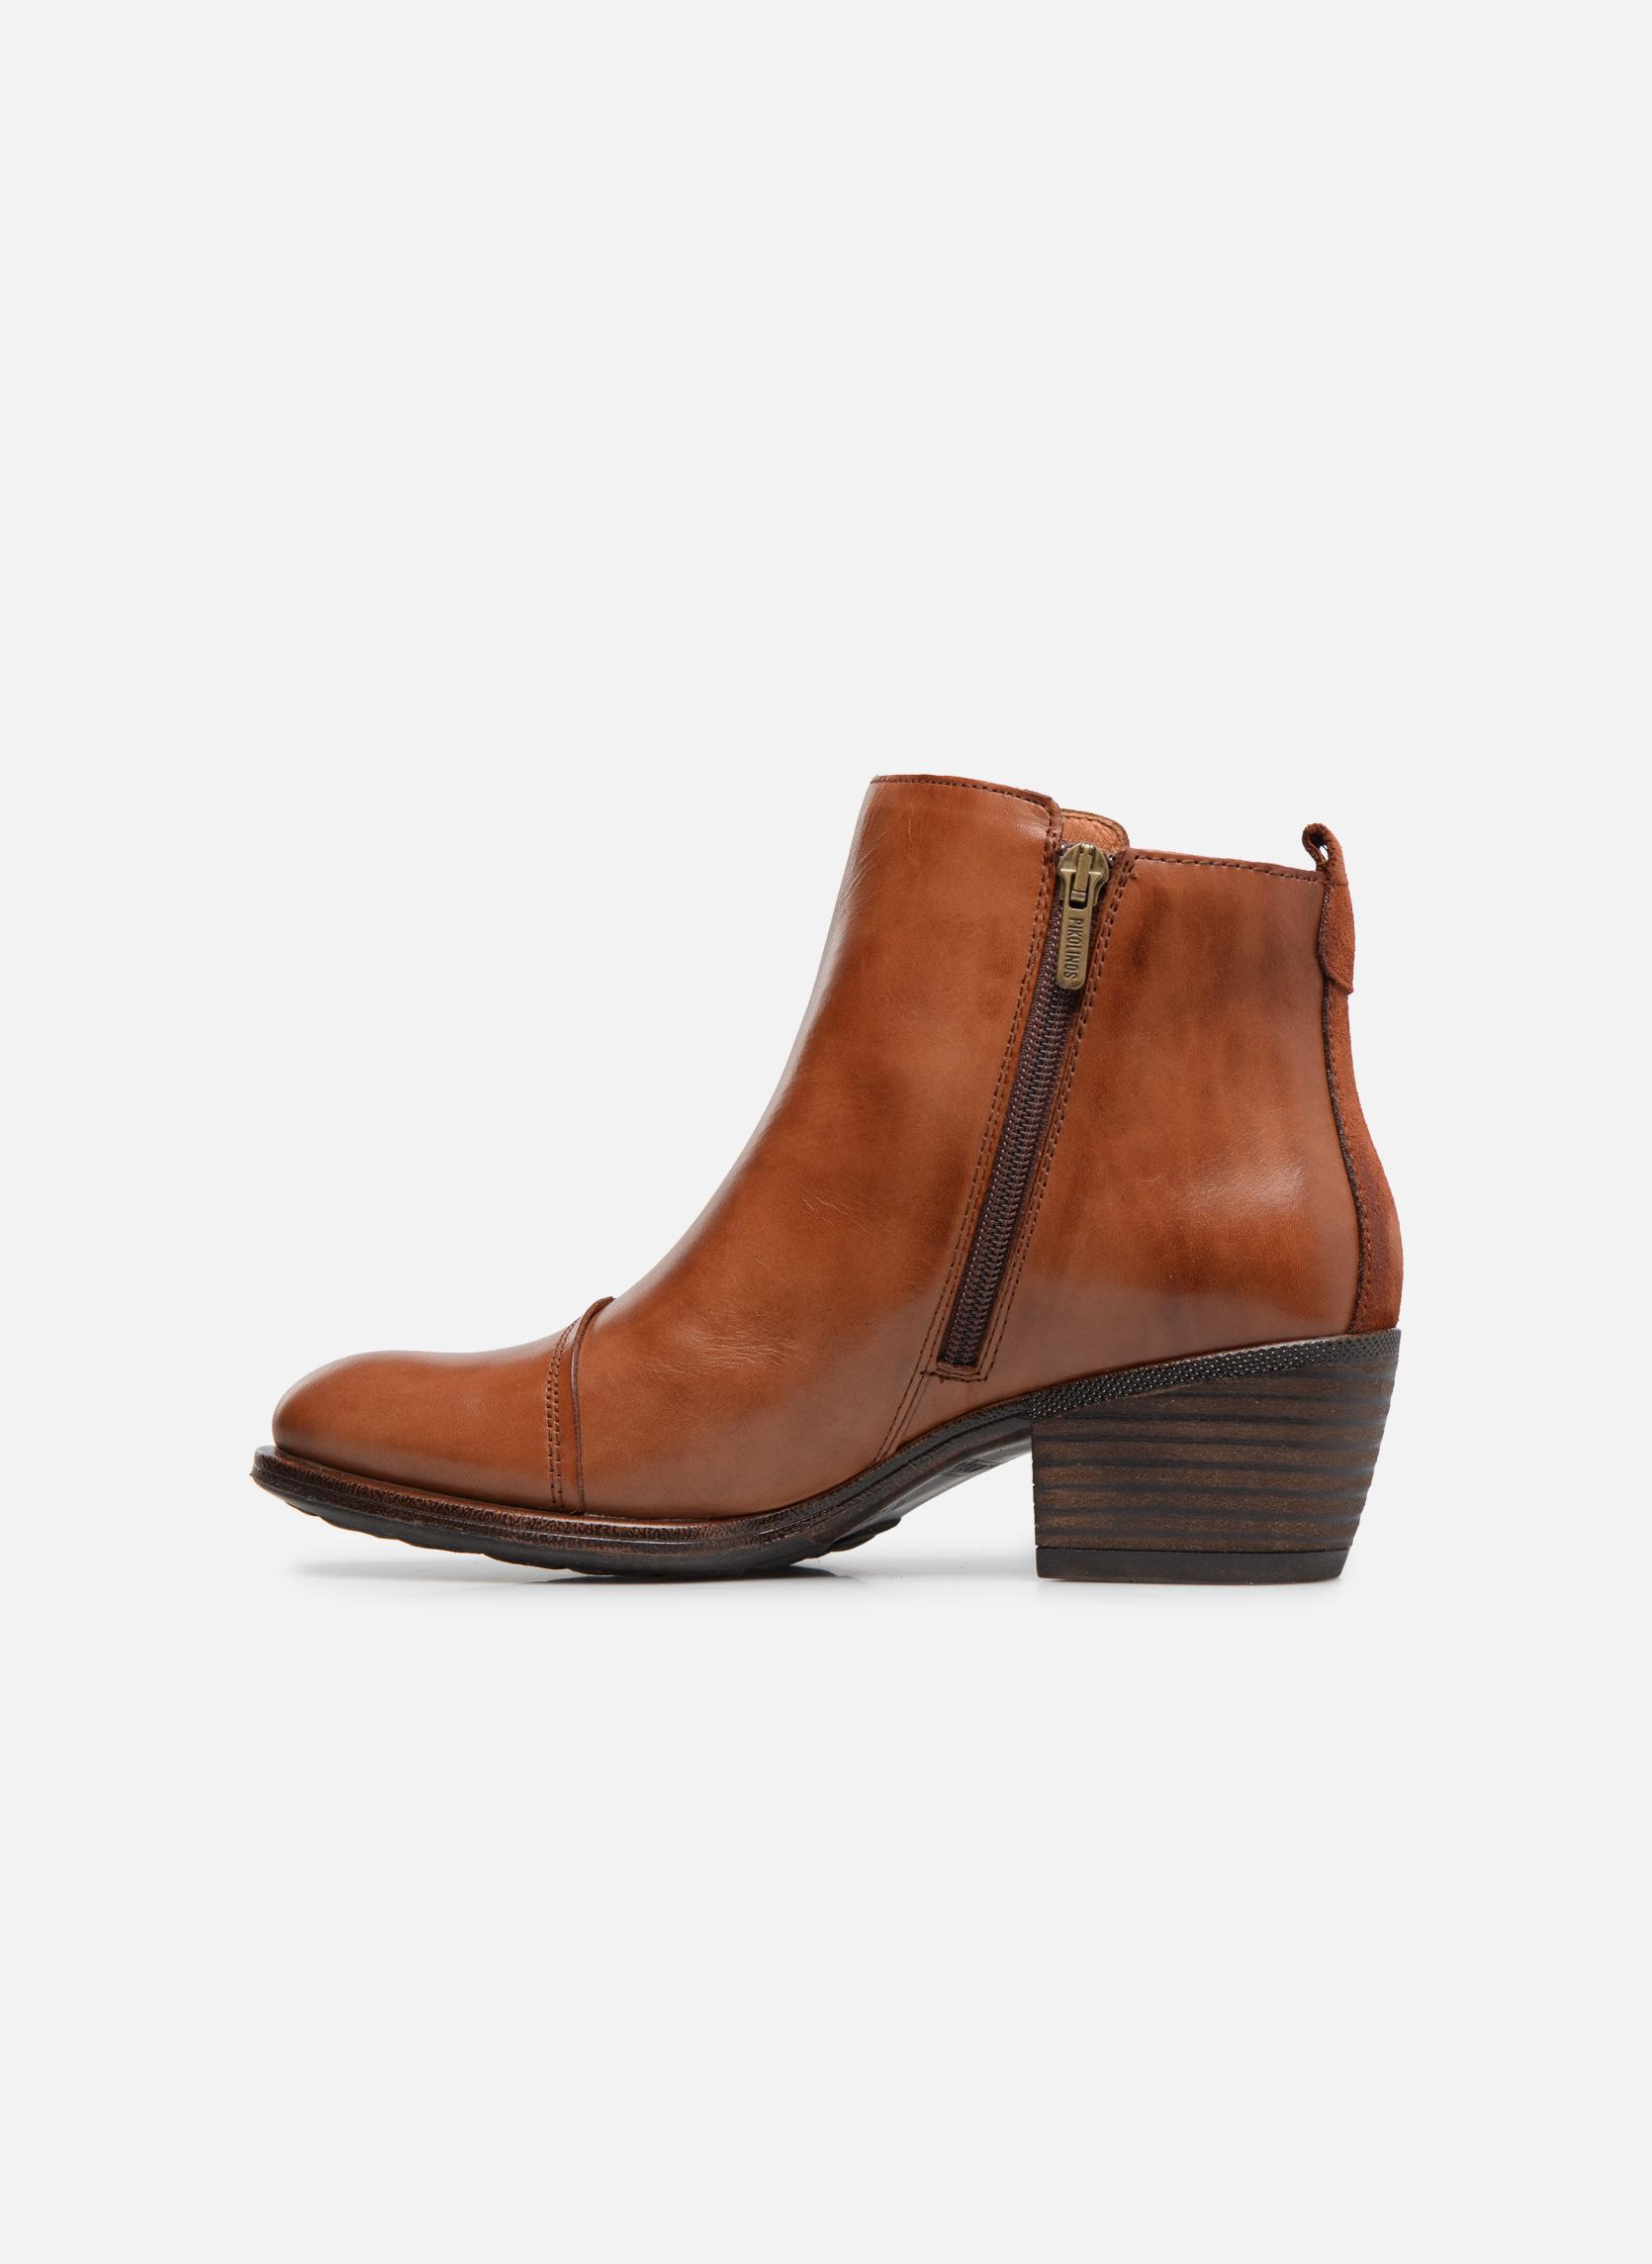 Bottines et boots Pikolinos Baqueira W9M-8941 Marron vue face